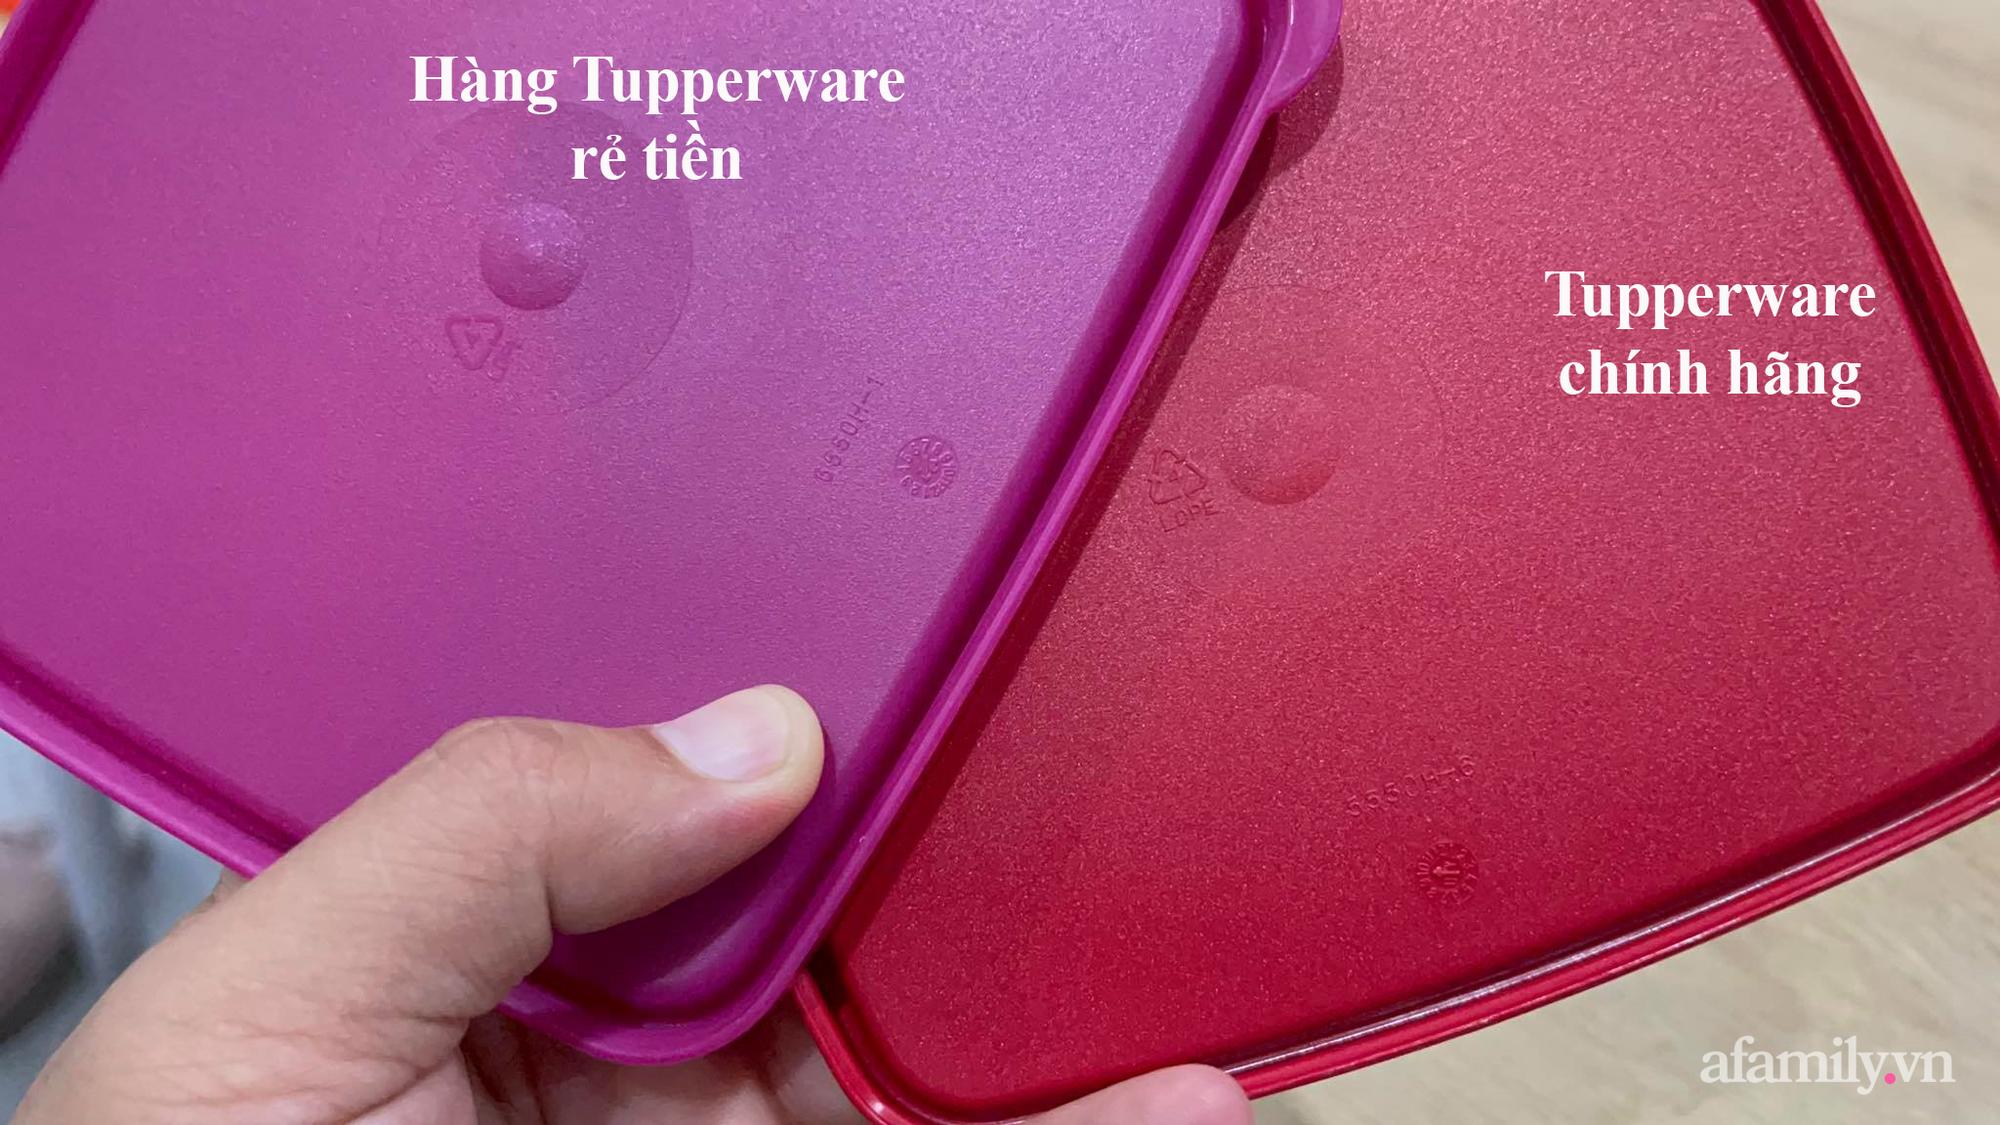 """Chủ đại lý Tupperware chỉ cách phân biệt thật giả giữa hàng ngàn sản phẩm """"sale tụt nóc"""" giá chỉ bằng 1/4 chính hãng - Ảnh 7."""